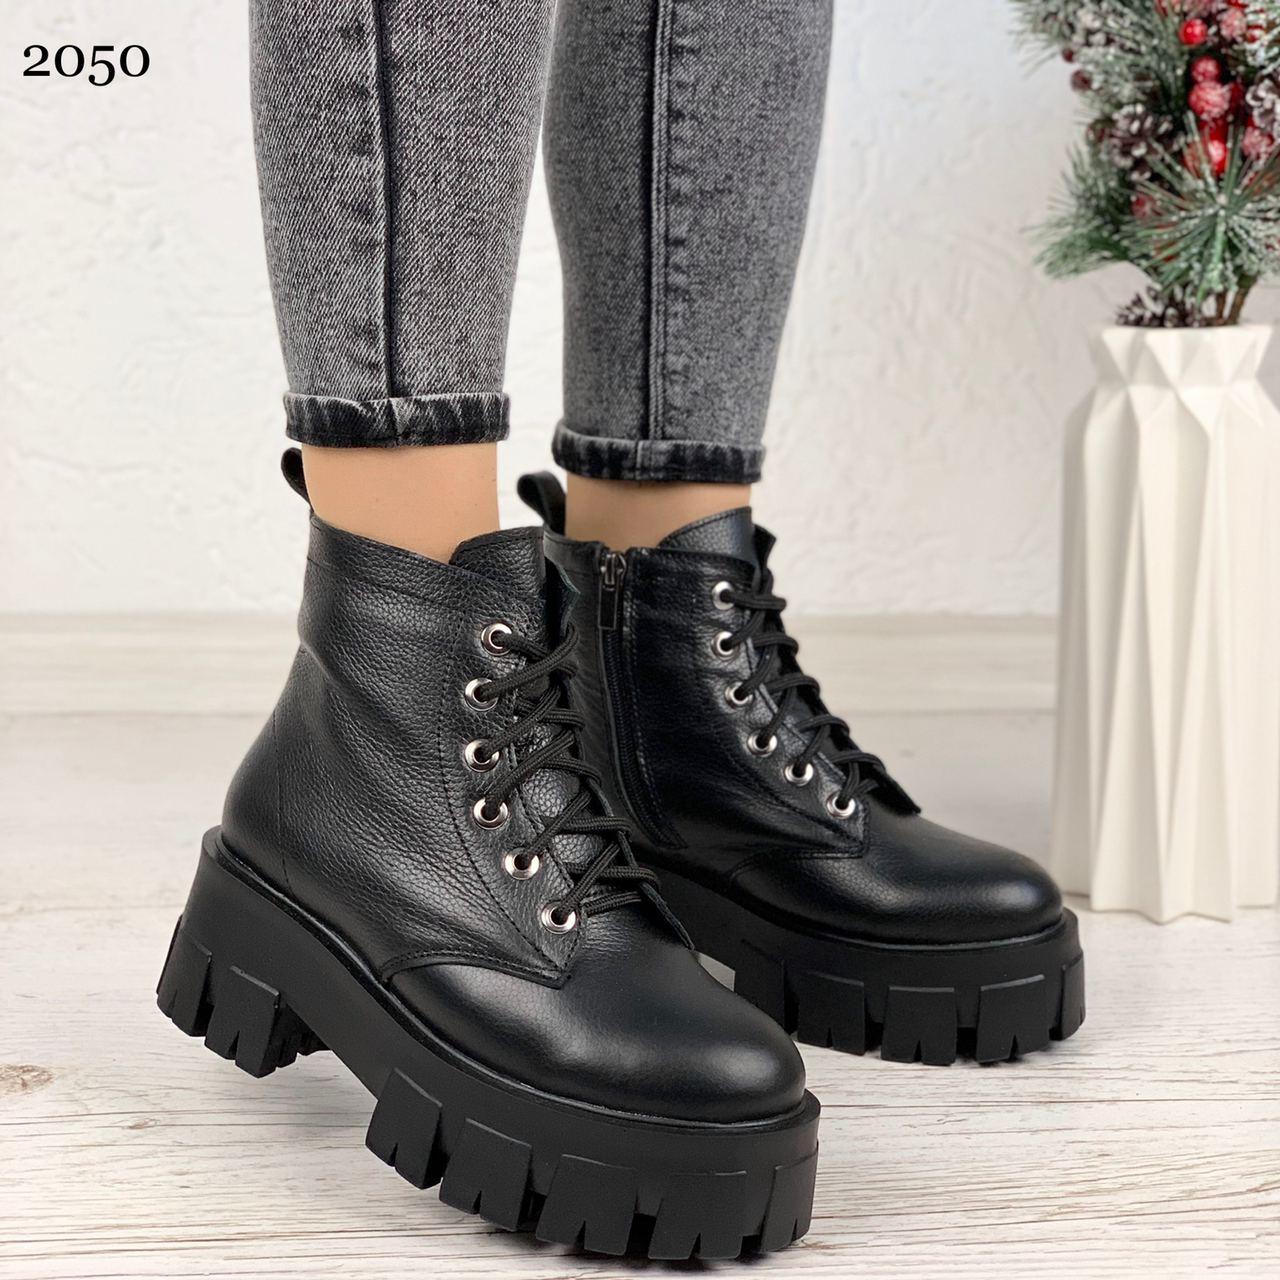 Только 40 р 26 см! Женские ботинки ЗИМА черные на шнуровке натуральная кожа